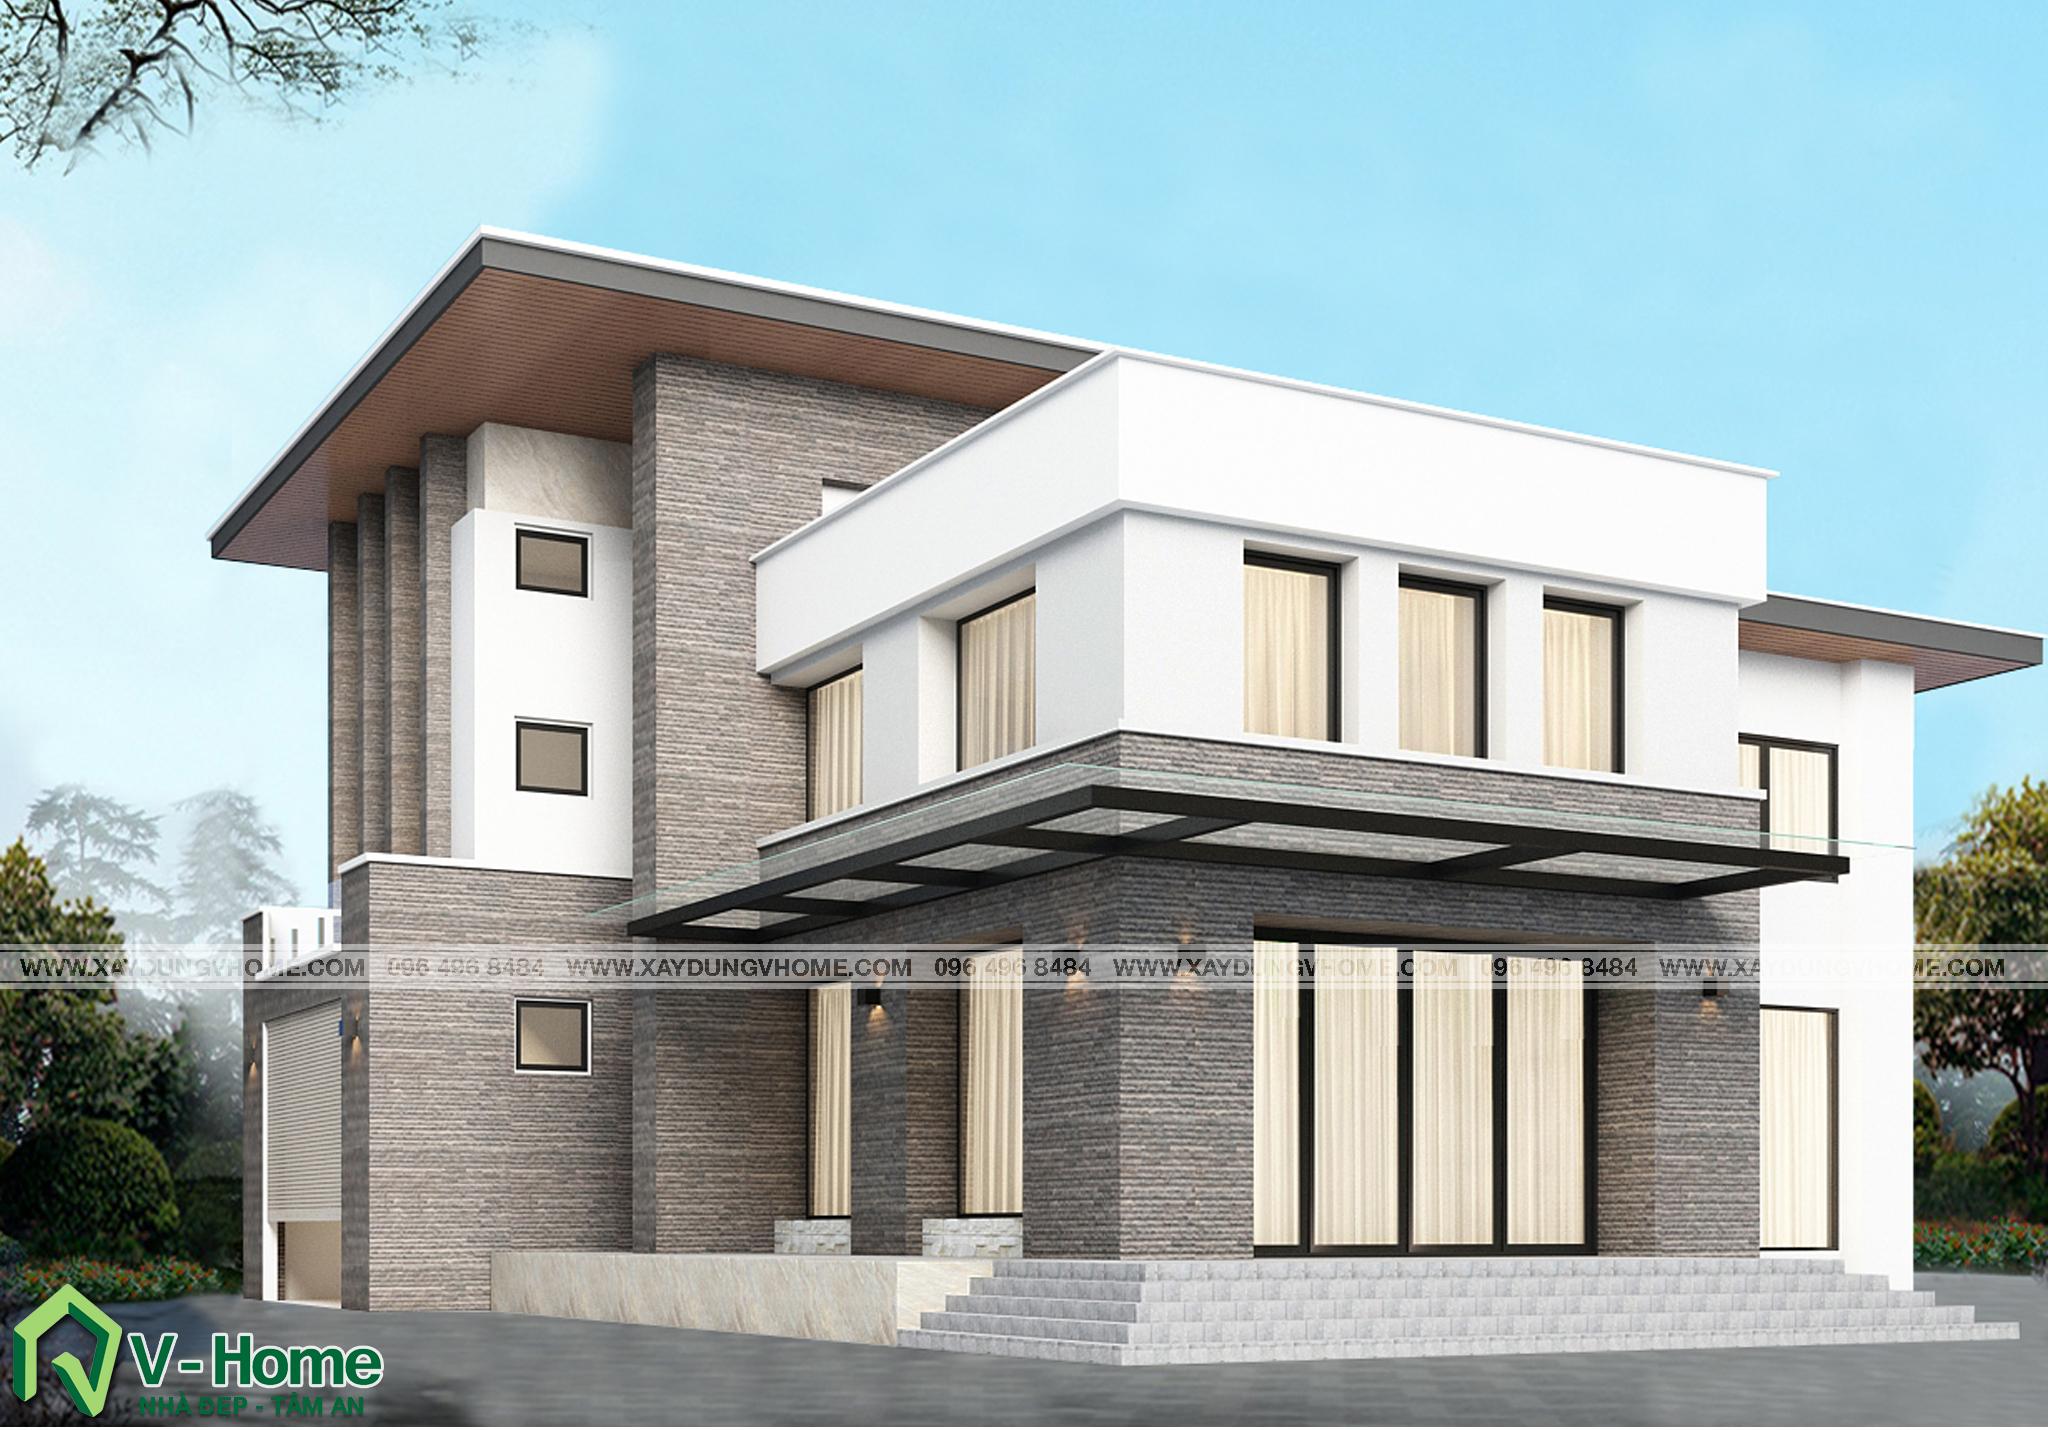 thiet-ke-biet-thu-hien-dai-1-1 Thiết kế Biệt thự hiện đại tại Vĩnh Phúc - C. Huyền